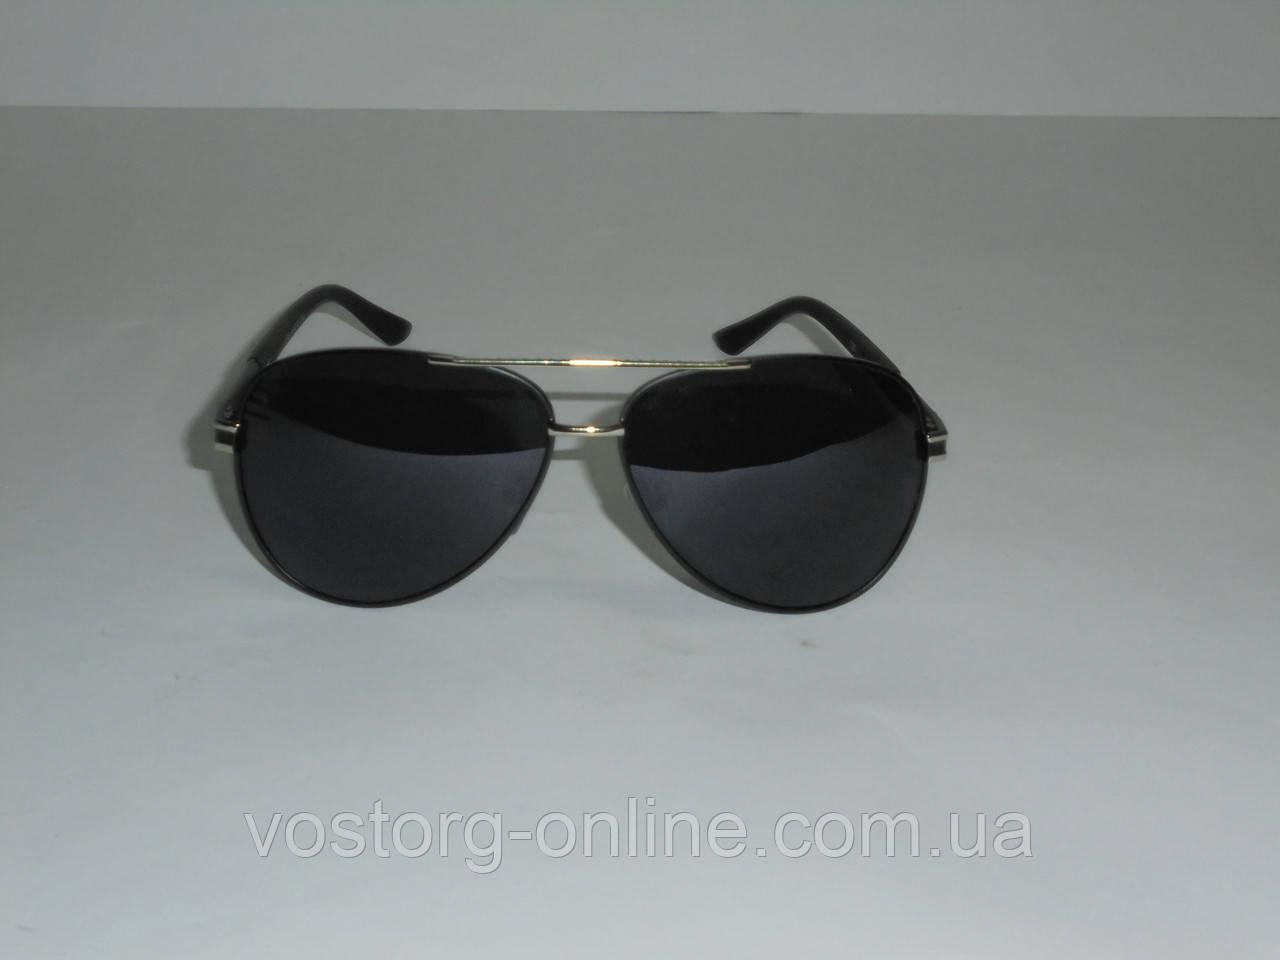 ae88fd2a667d Солнцезащитные очки Aviator Ray-Ban 6607, очки авиаторы, модный аксессуар,  очки, мужские ...